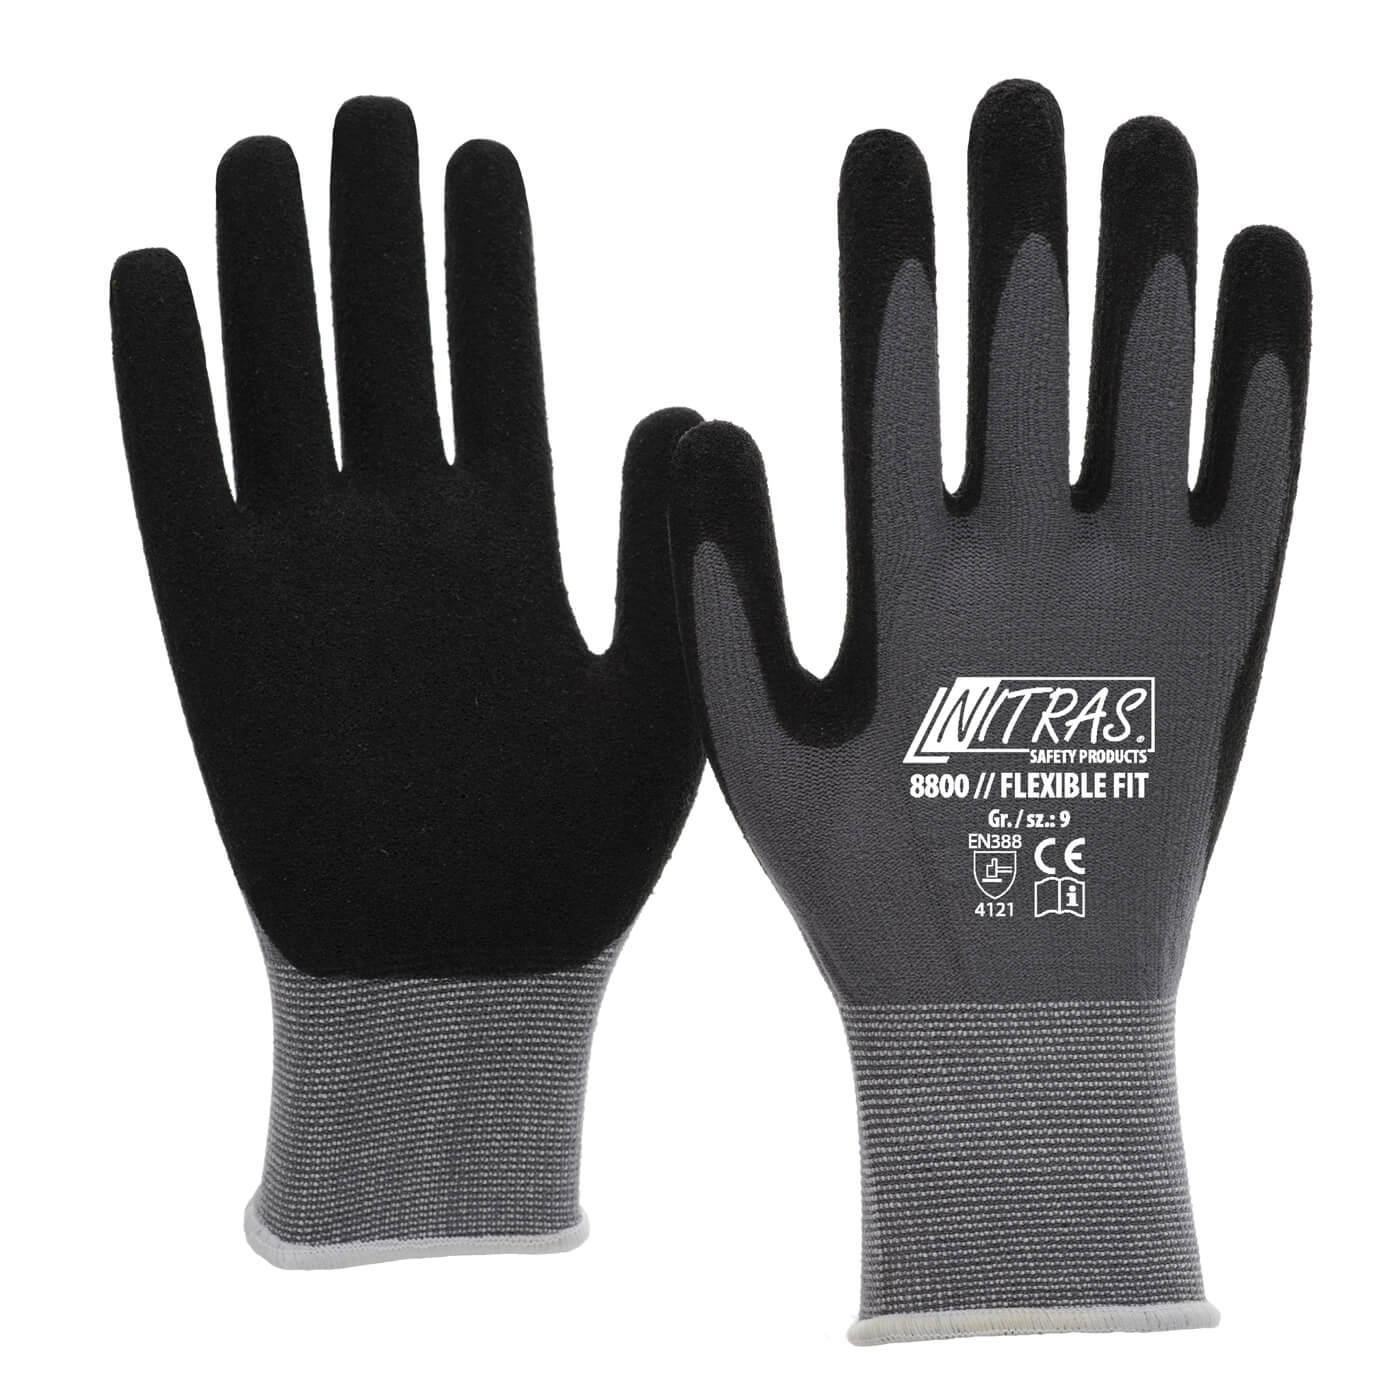 Rękawice montażowe Nitras 8800/ FLEXIBLE FIT